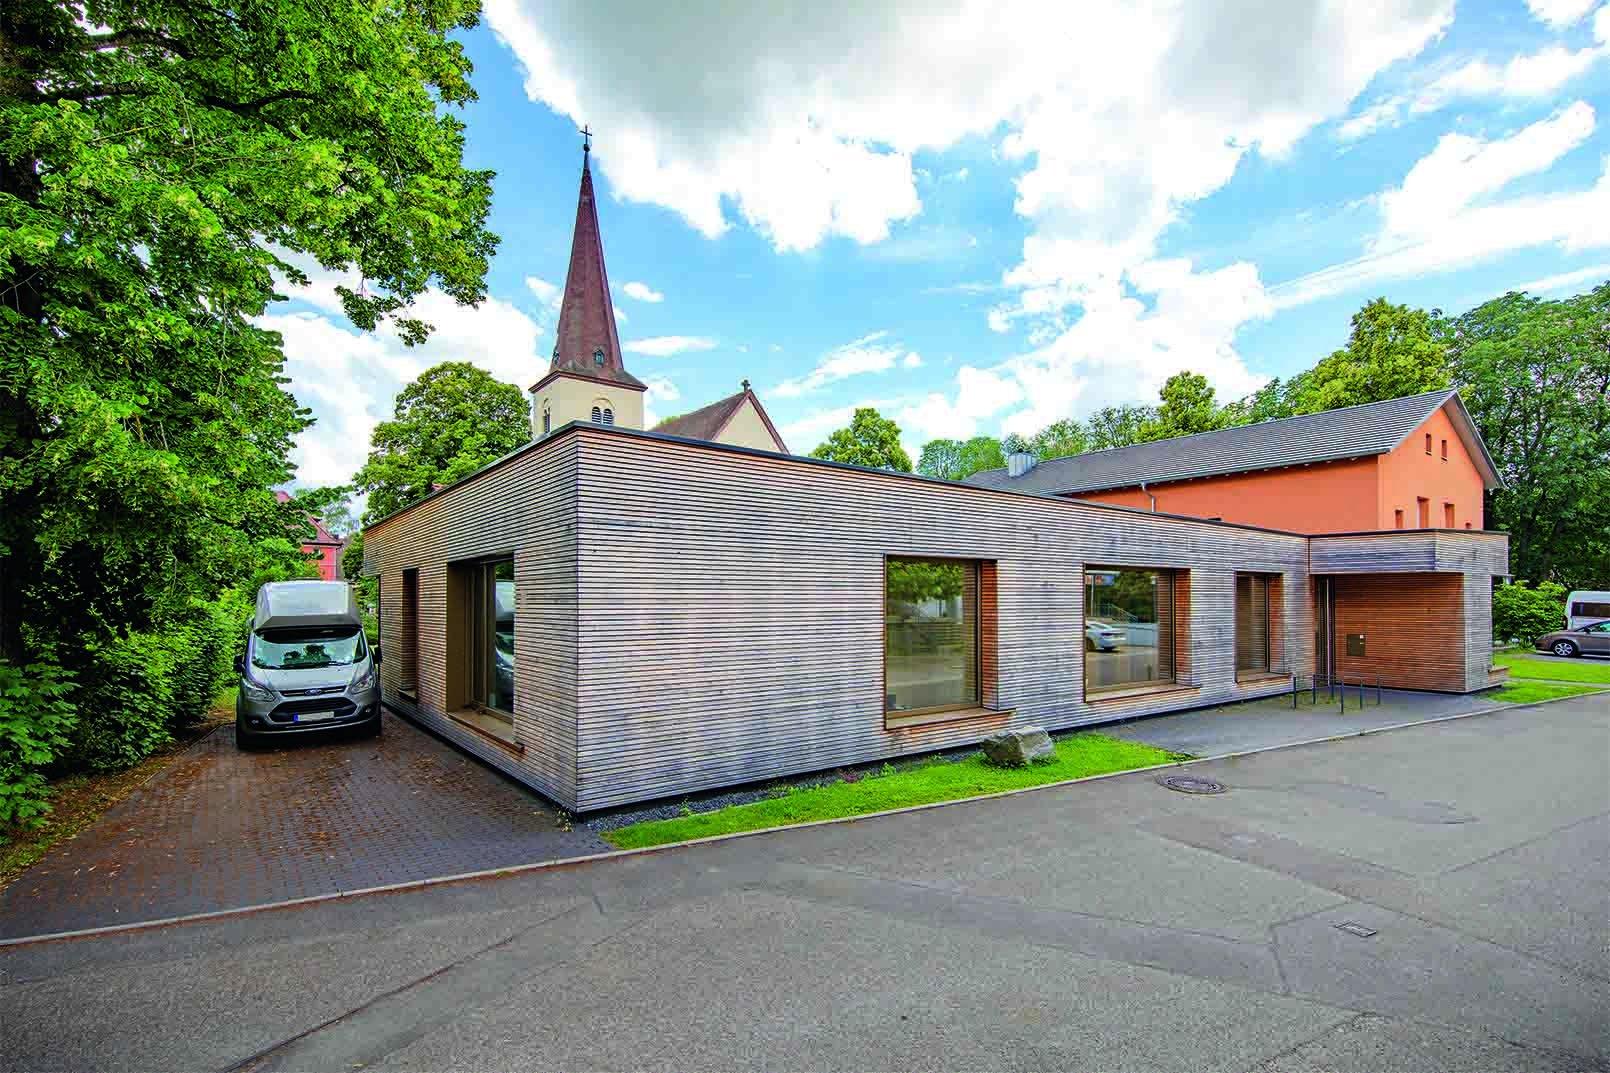 Neubau der Dekanatsverwaltung in Bad Krozingen